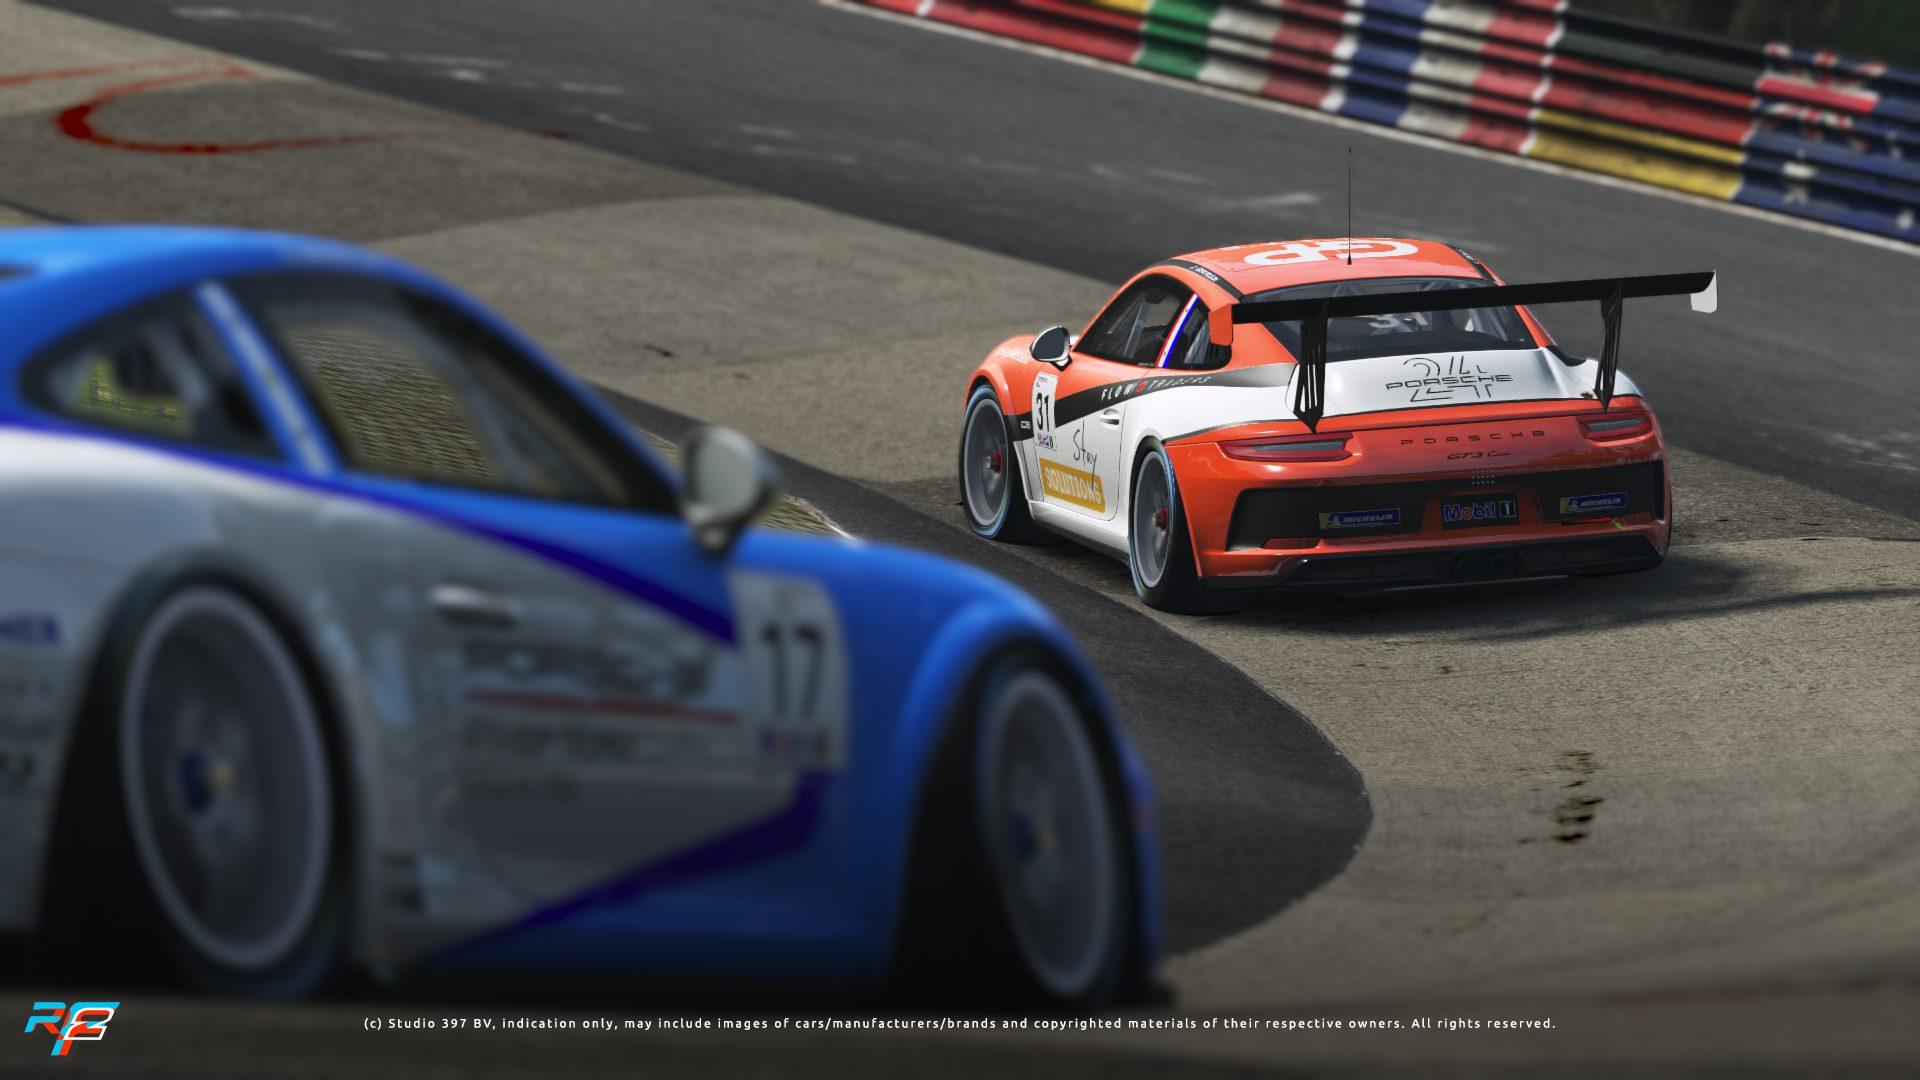 Porsche_911_GT3_Cup_screenshot_02_brande